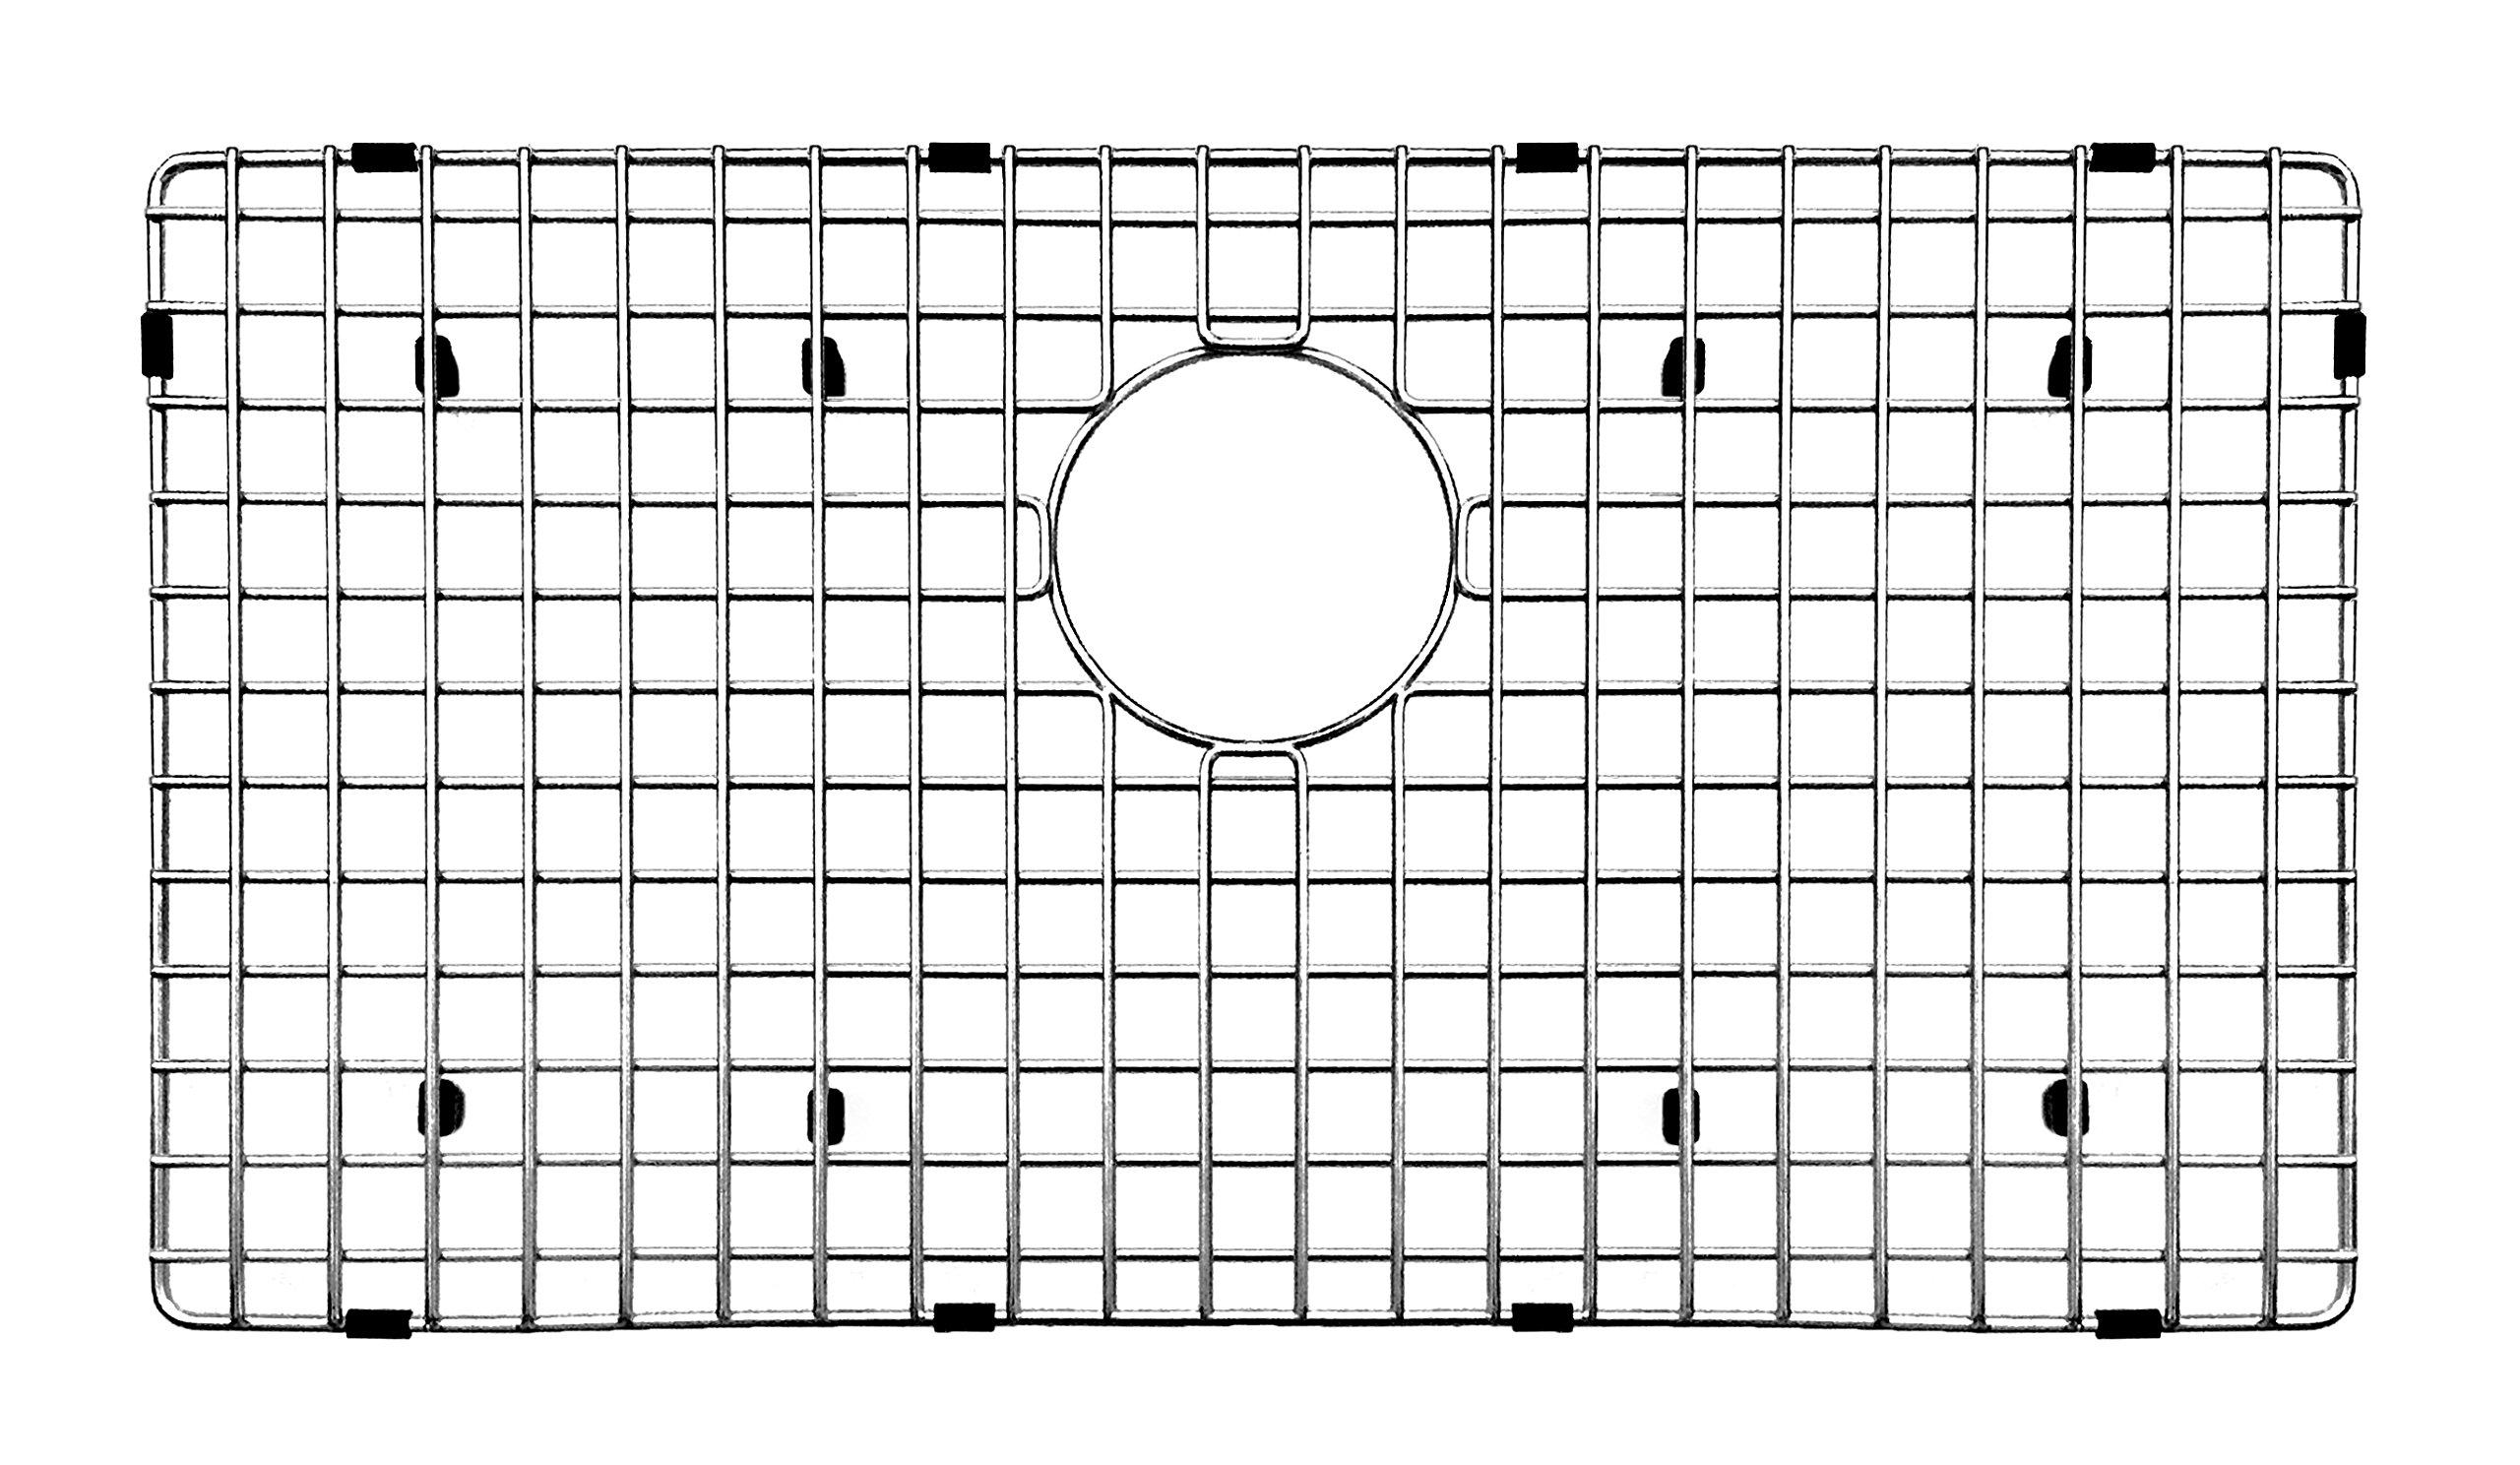 Daweier EBG678370 Bottom Grid for Sink ESR280900